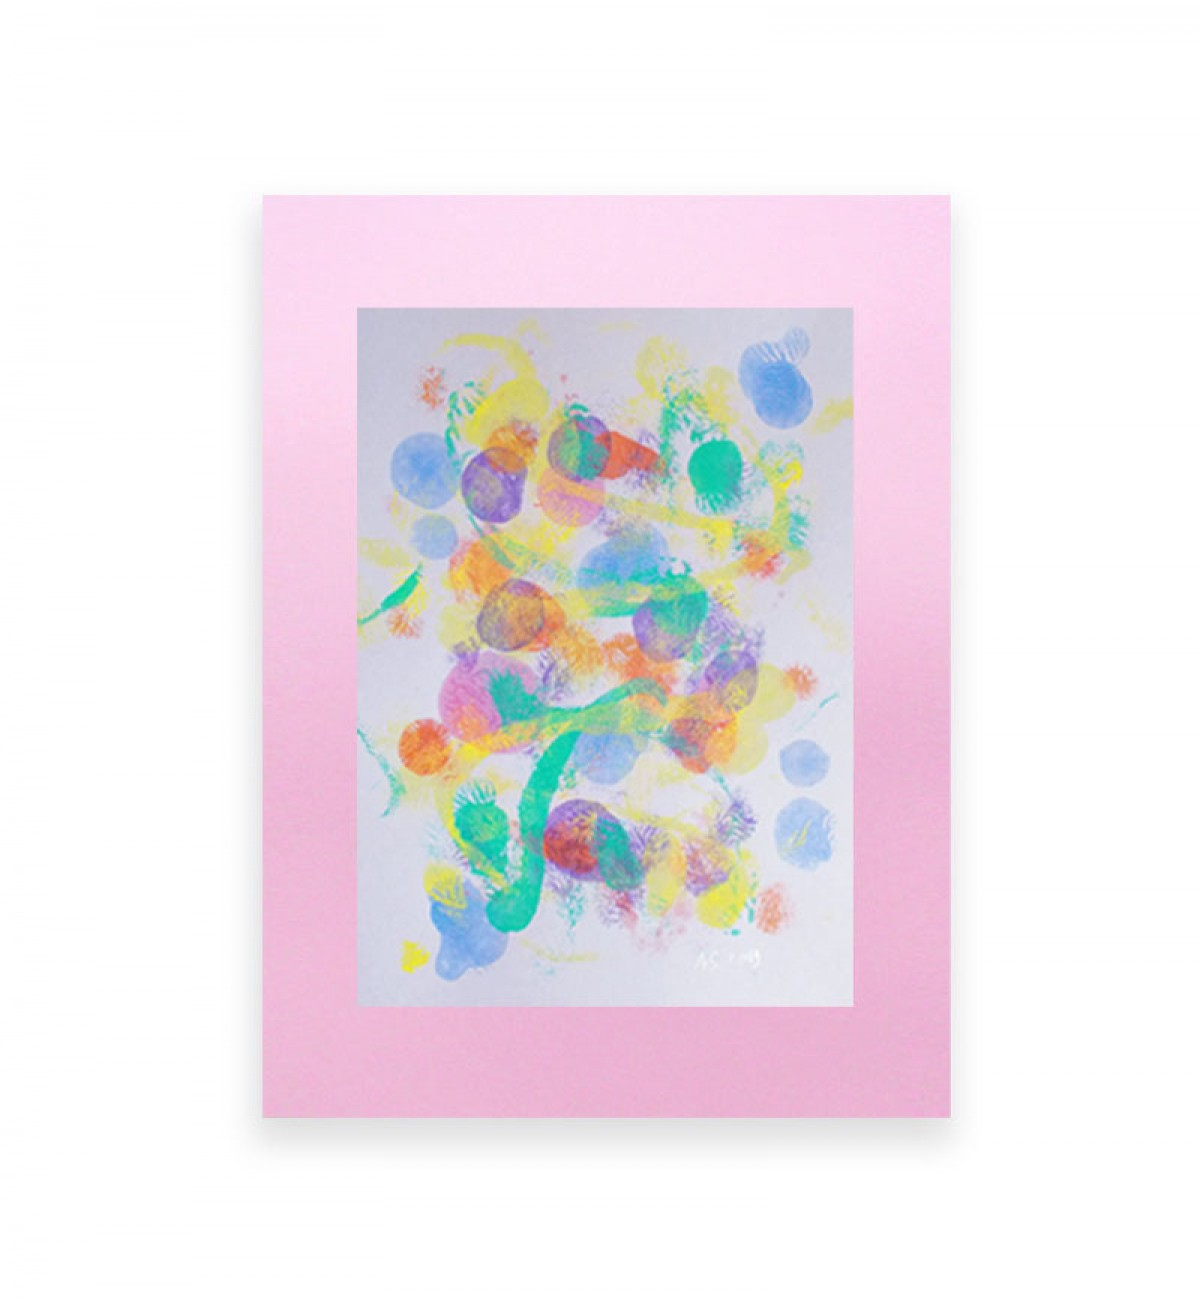 abstrakcyjna grafika, kolorowa dekoracja na ścianę